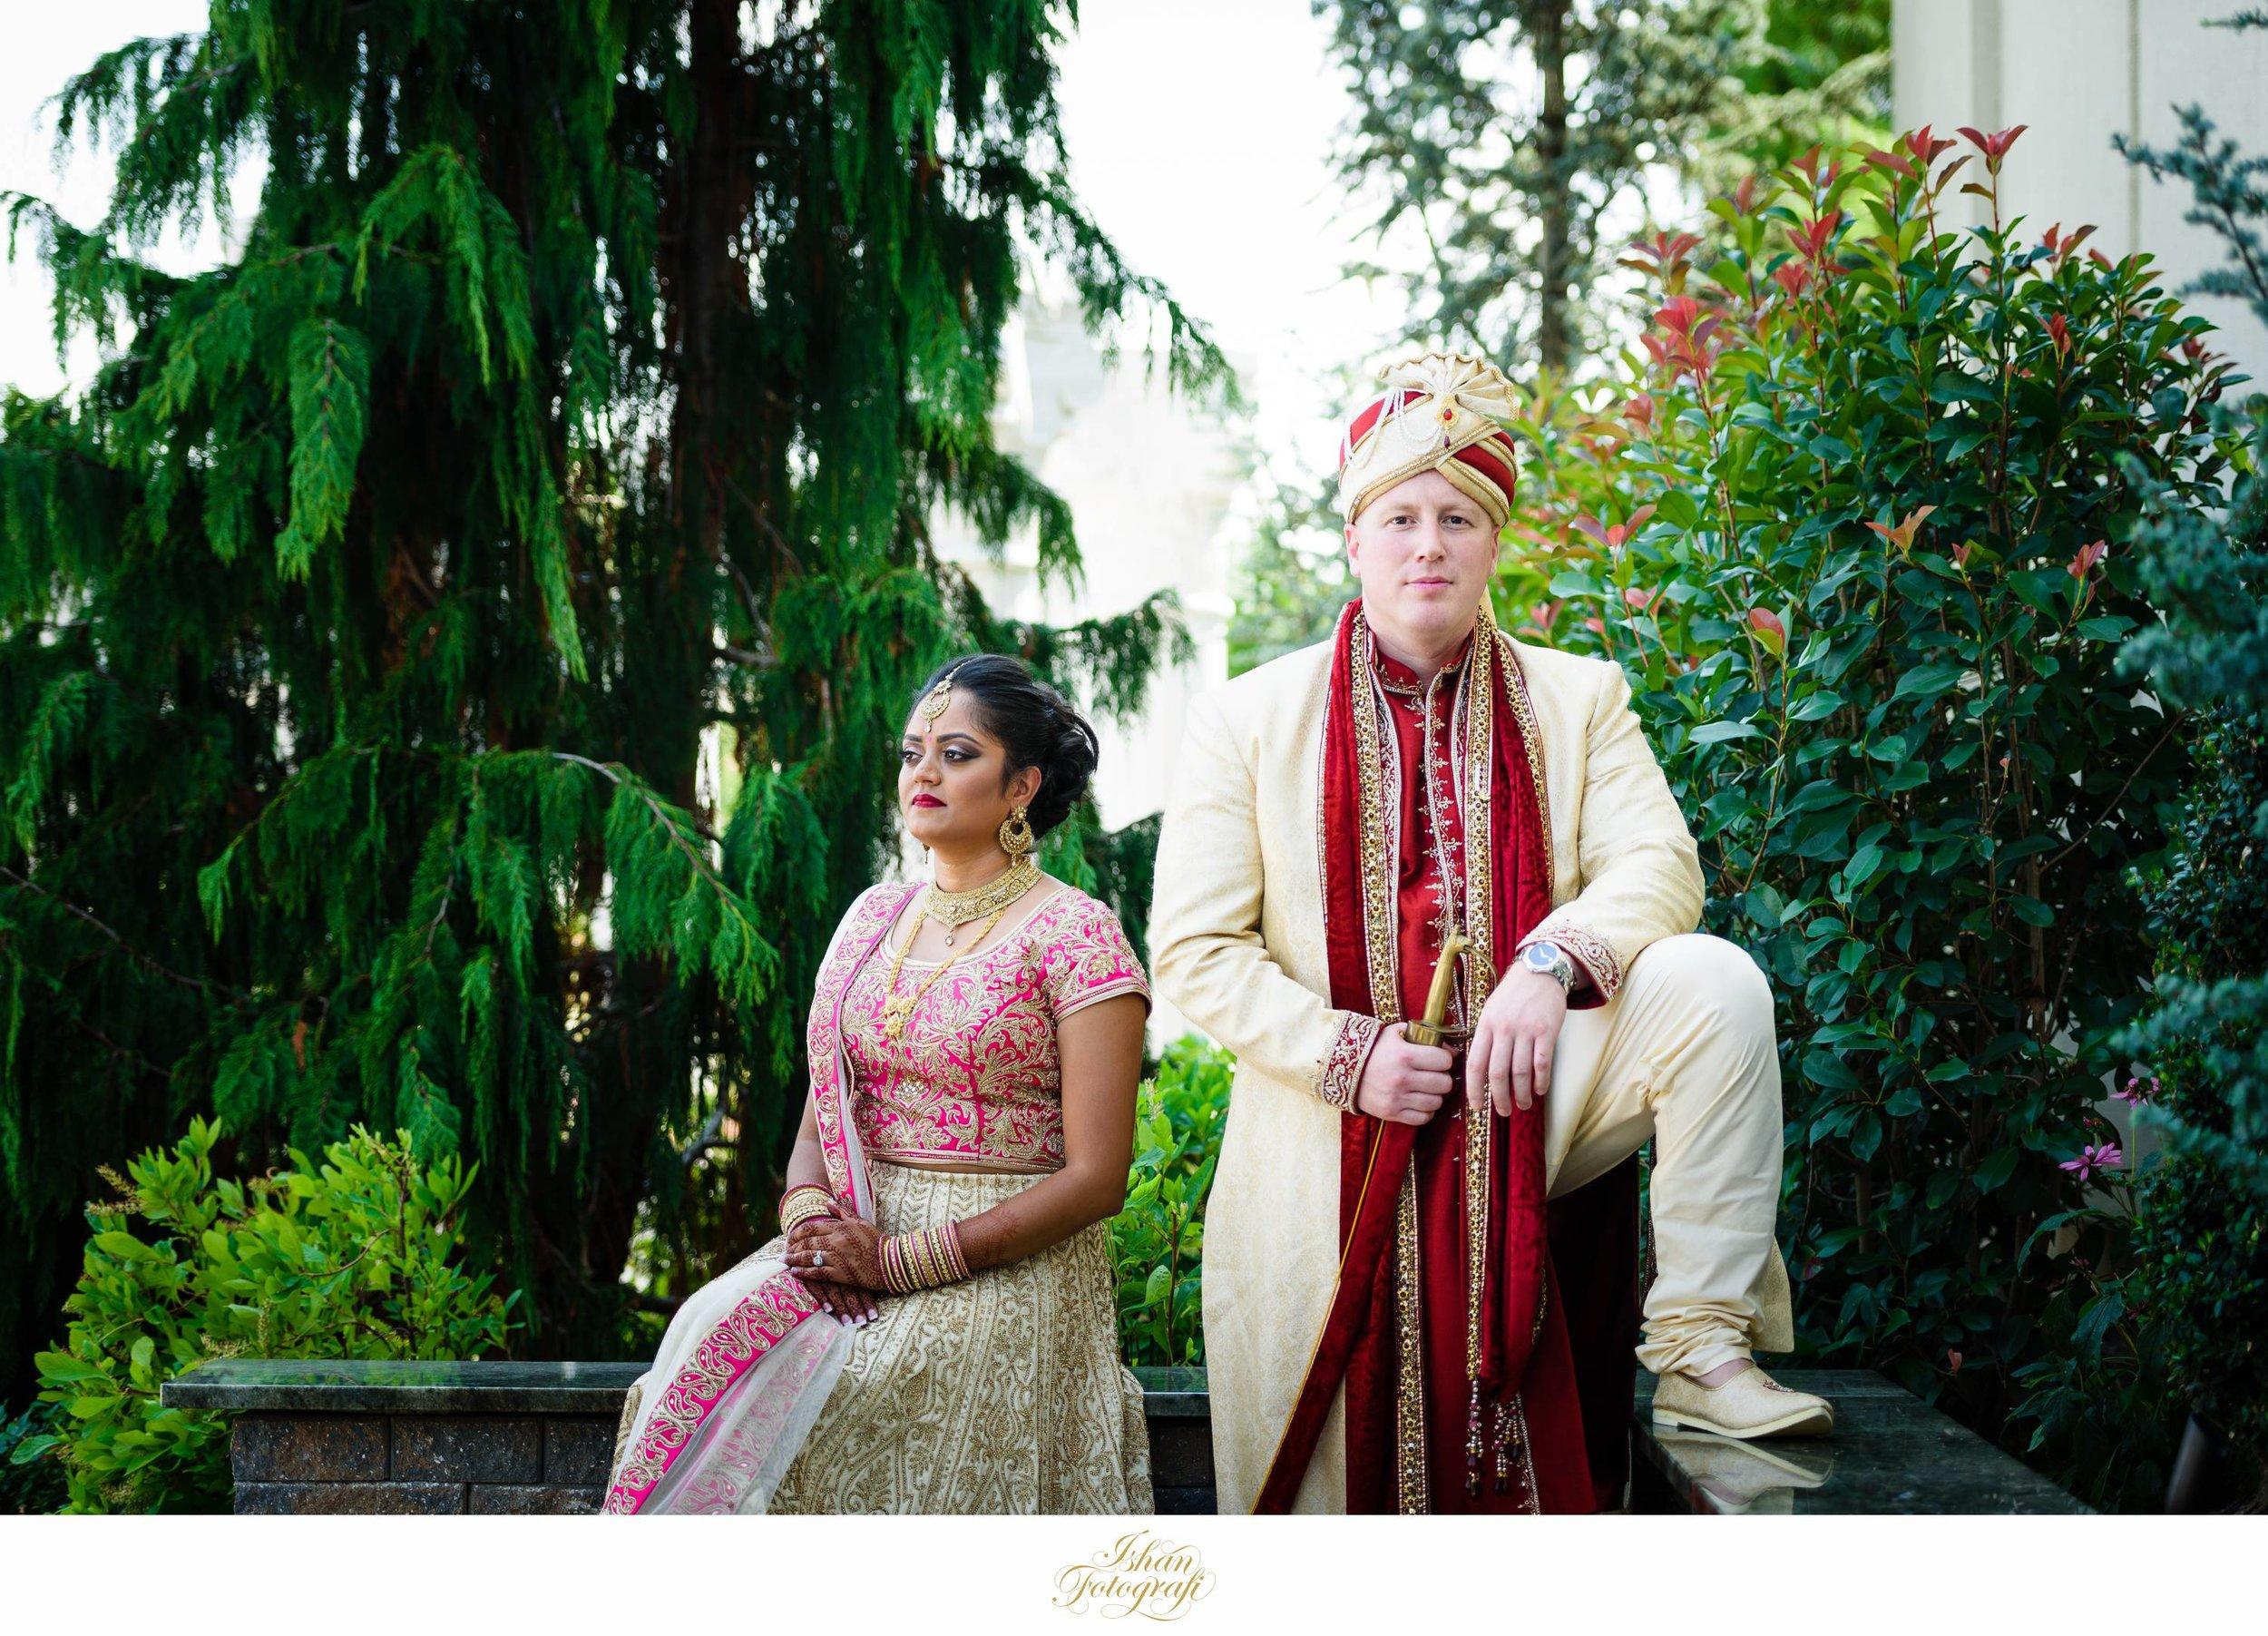 the-merion-cinnaminson-nj-wedding-photographer